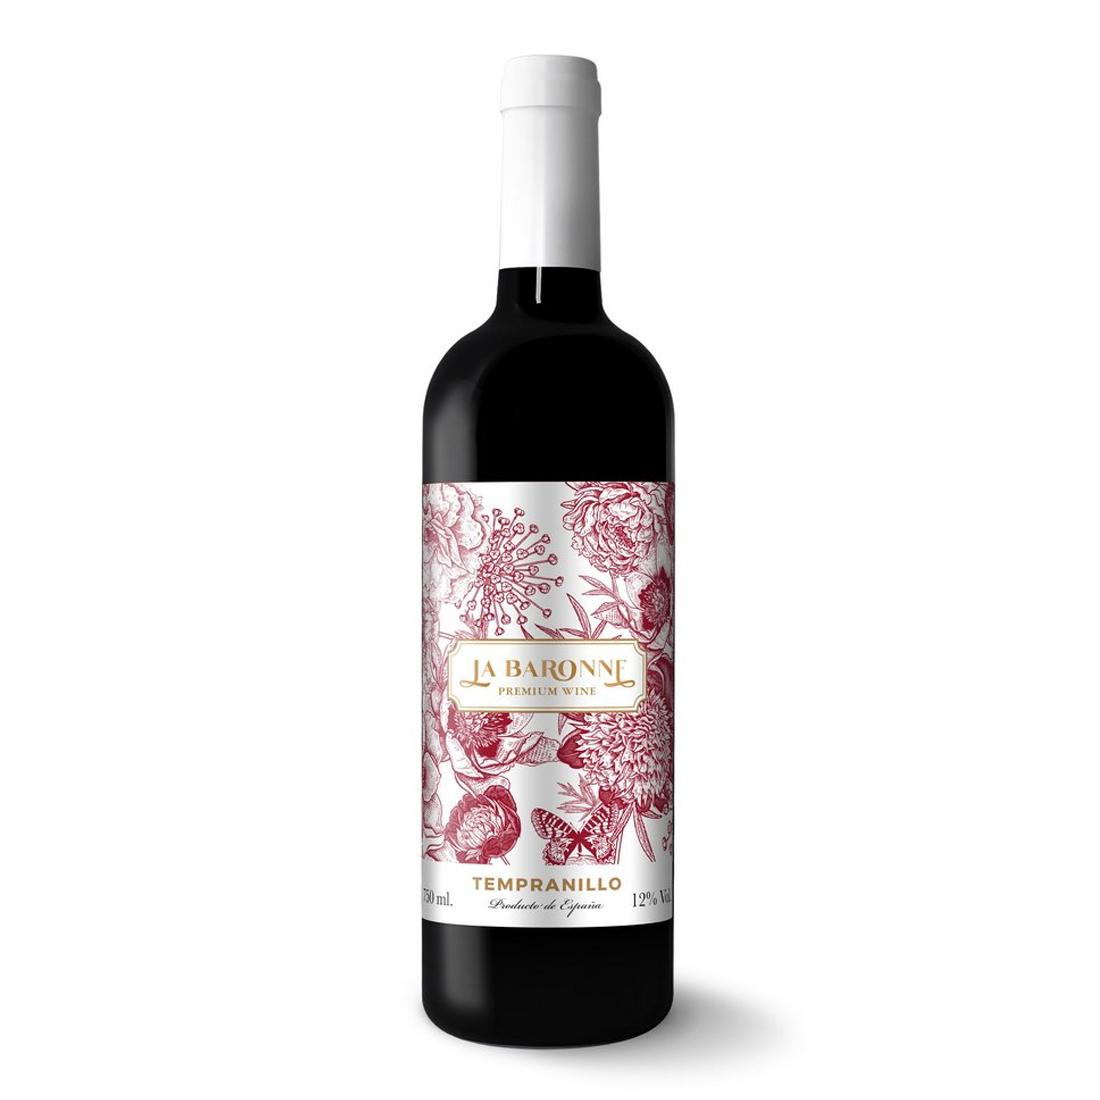 Vinho La Baronne Tempranillo Tinto 750 ml